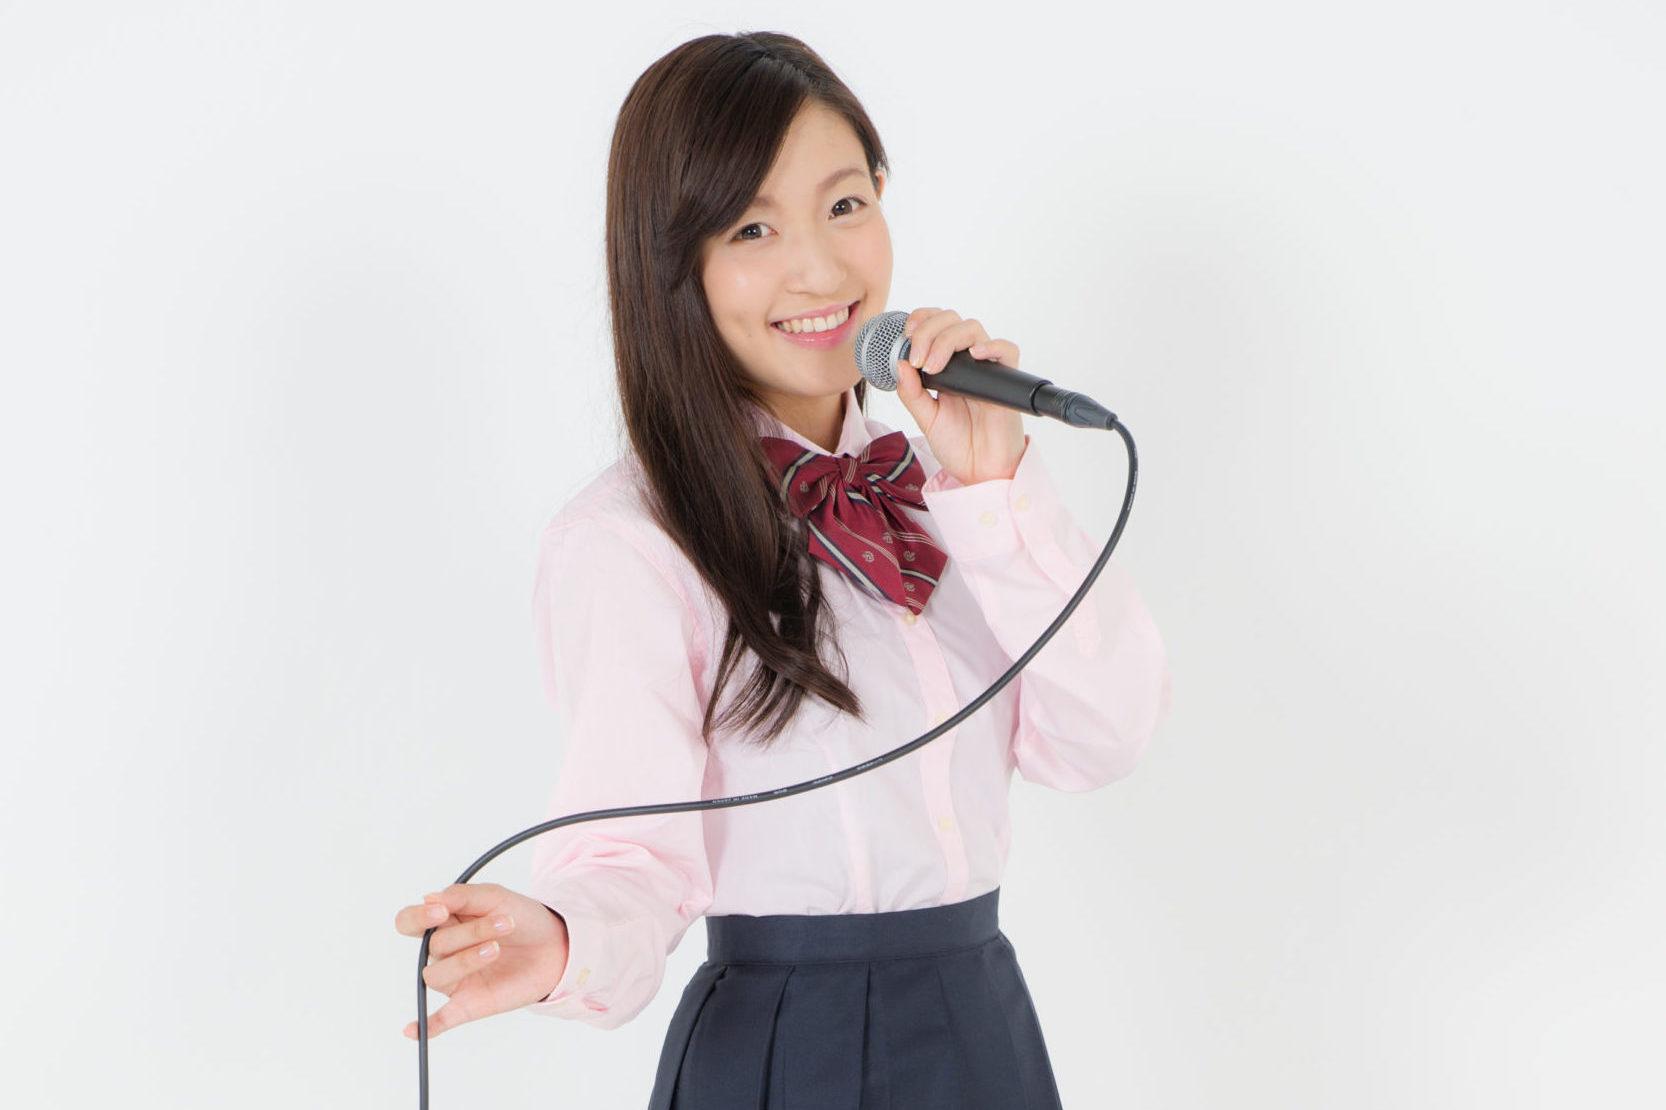 通信制高校のボーカルコースは精華学園高校東京ボイス校